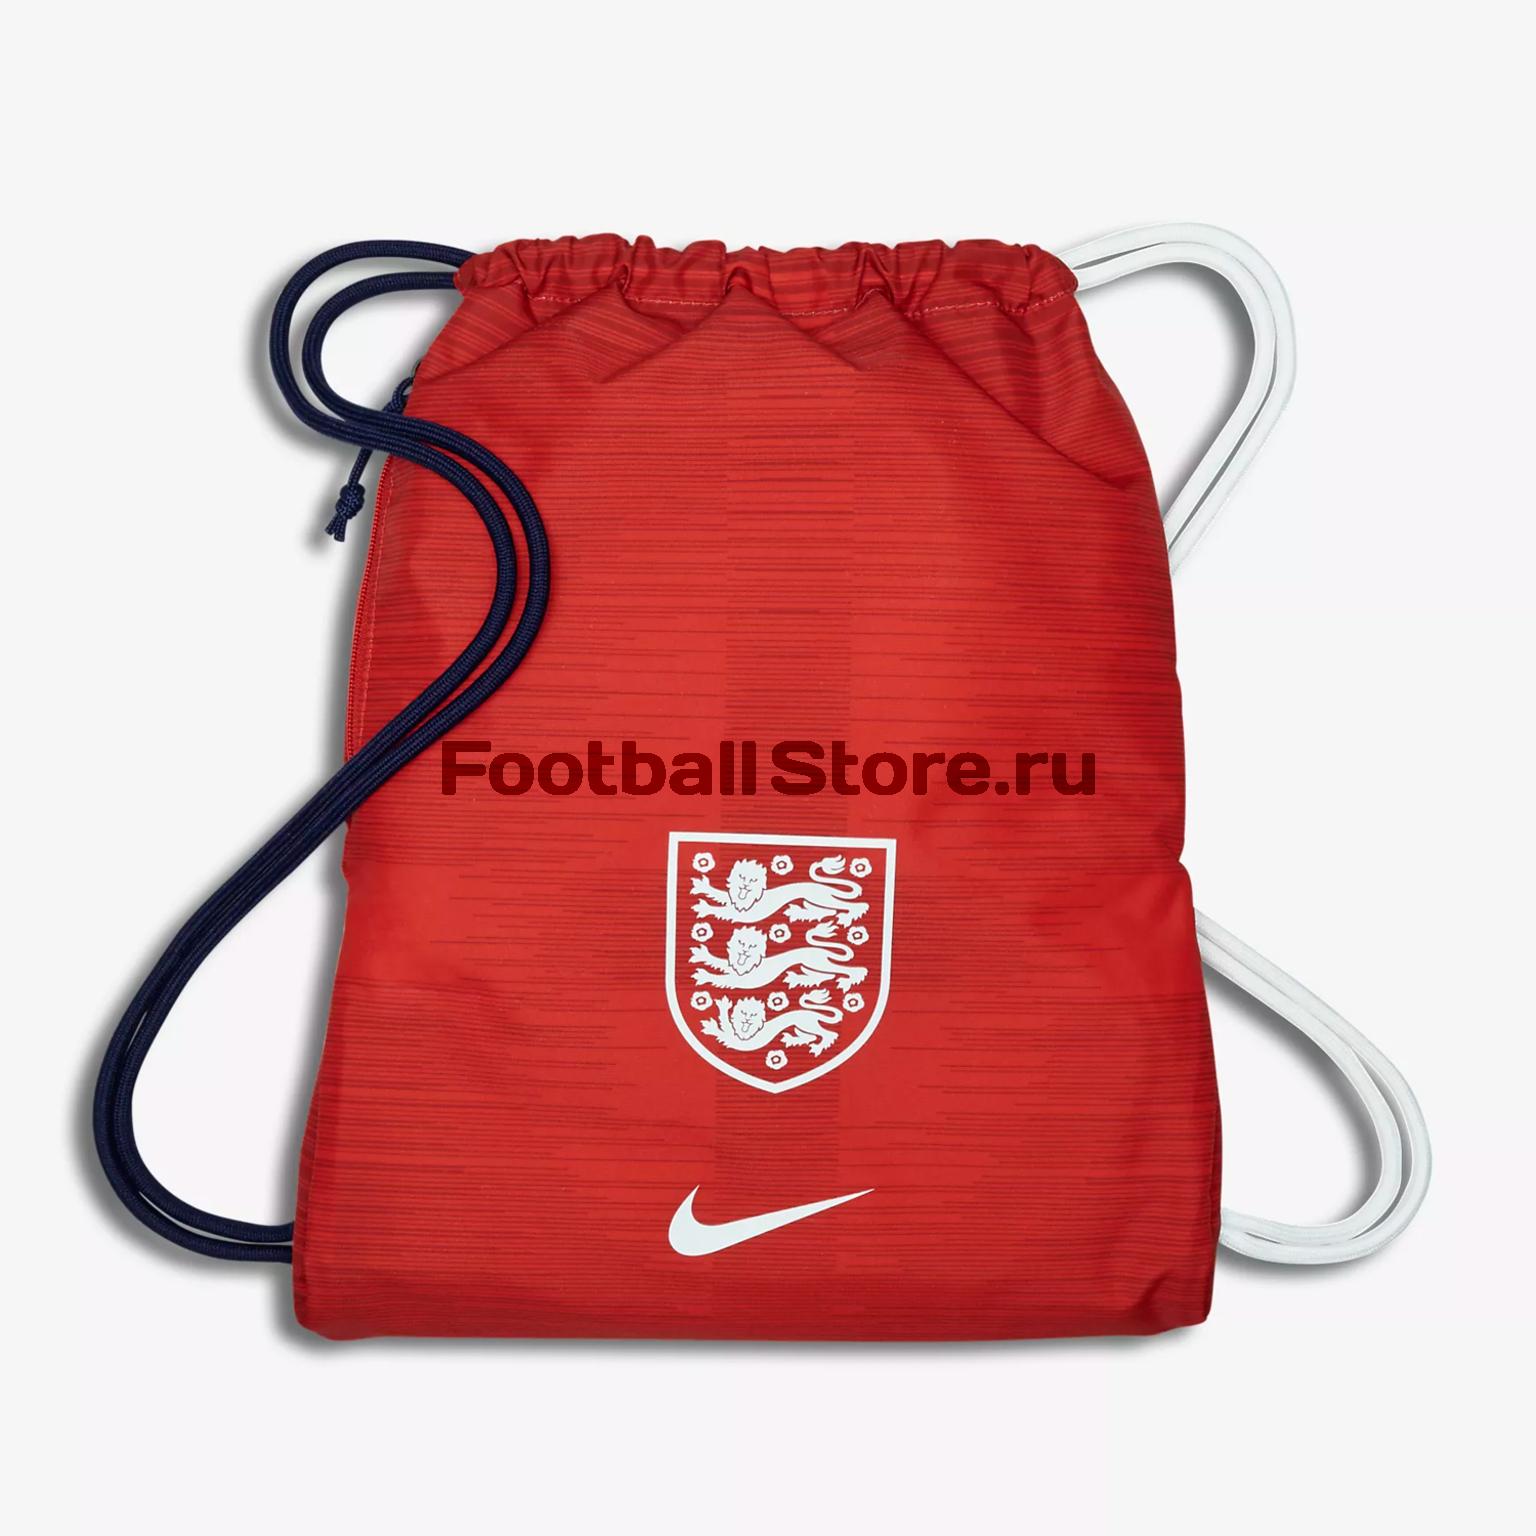 Сумка для обуви Nike сборной Англии BA5463-600 сумка спортивная nike nike ni464bwrym11